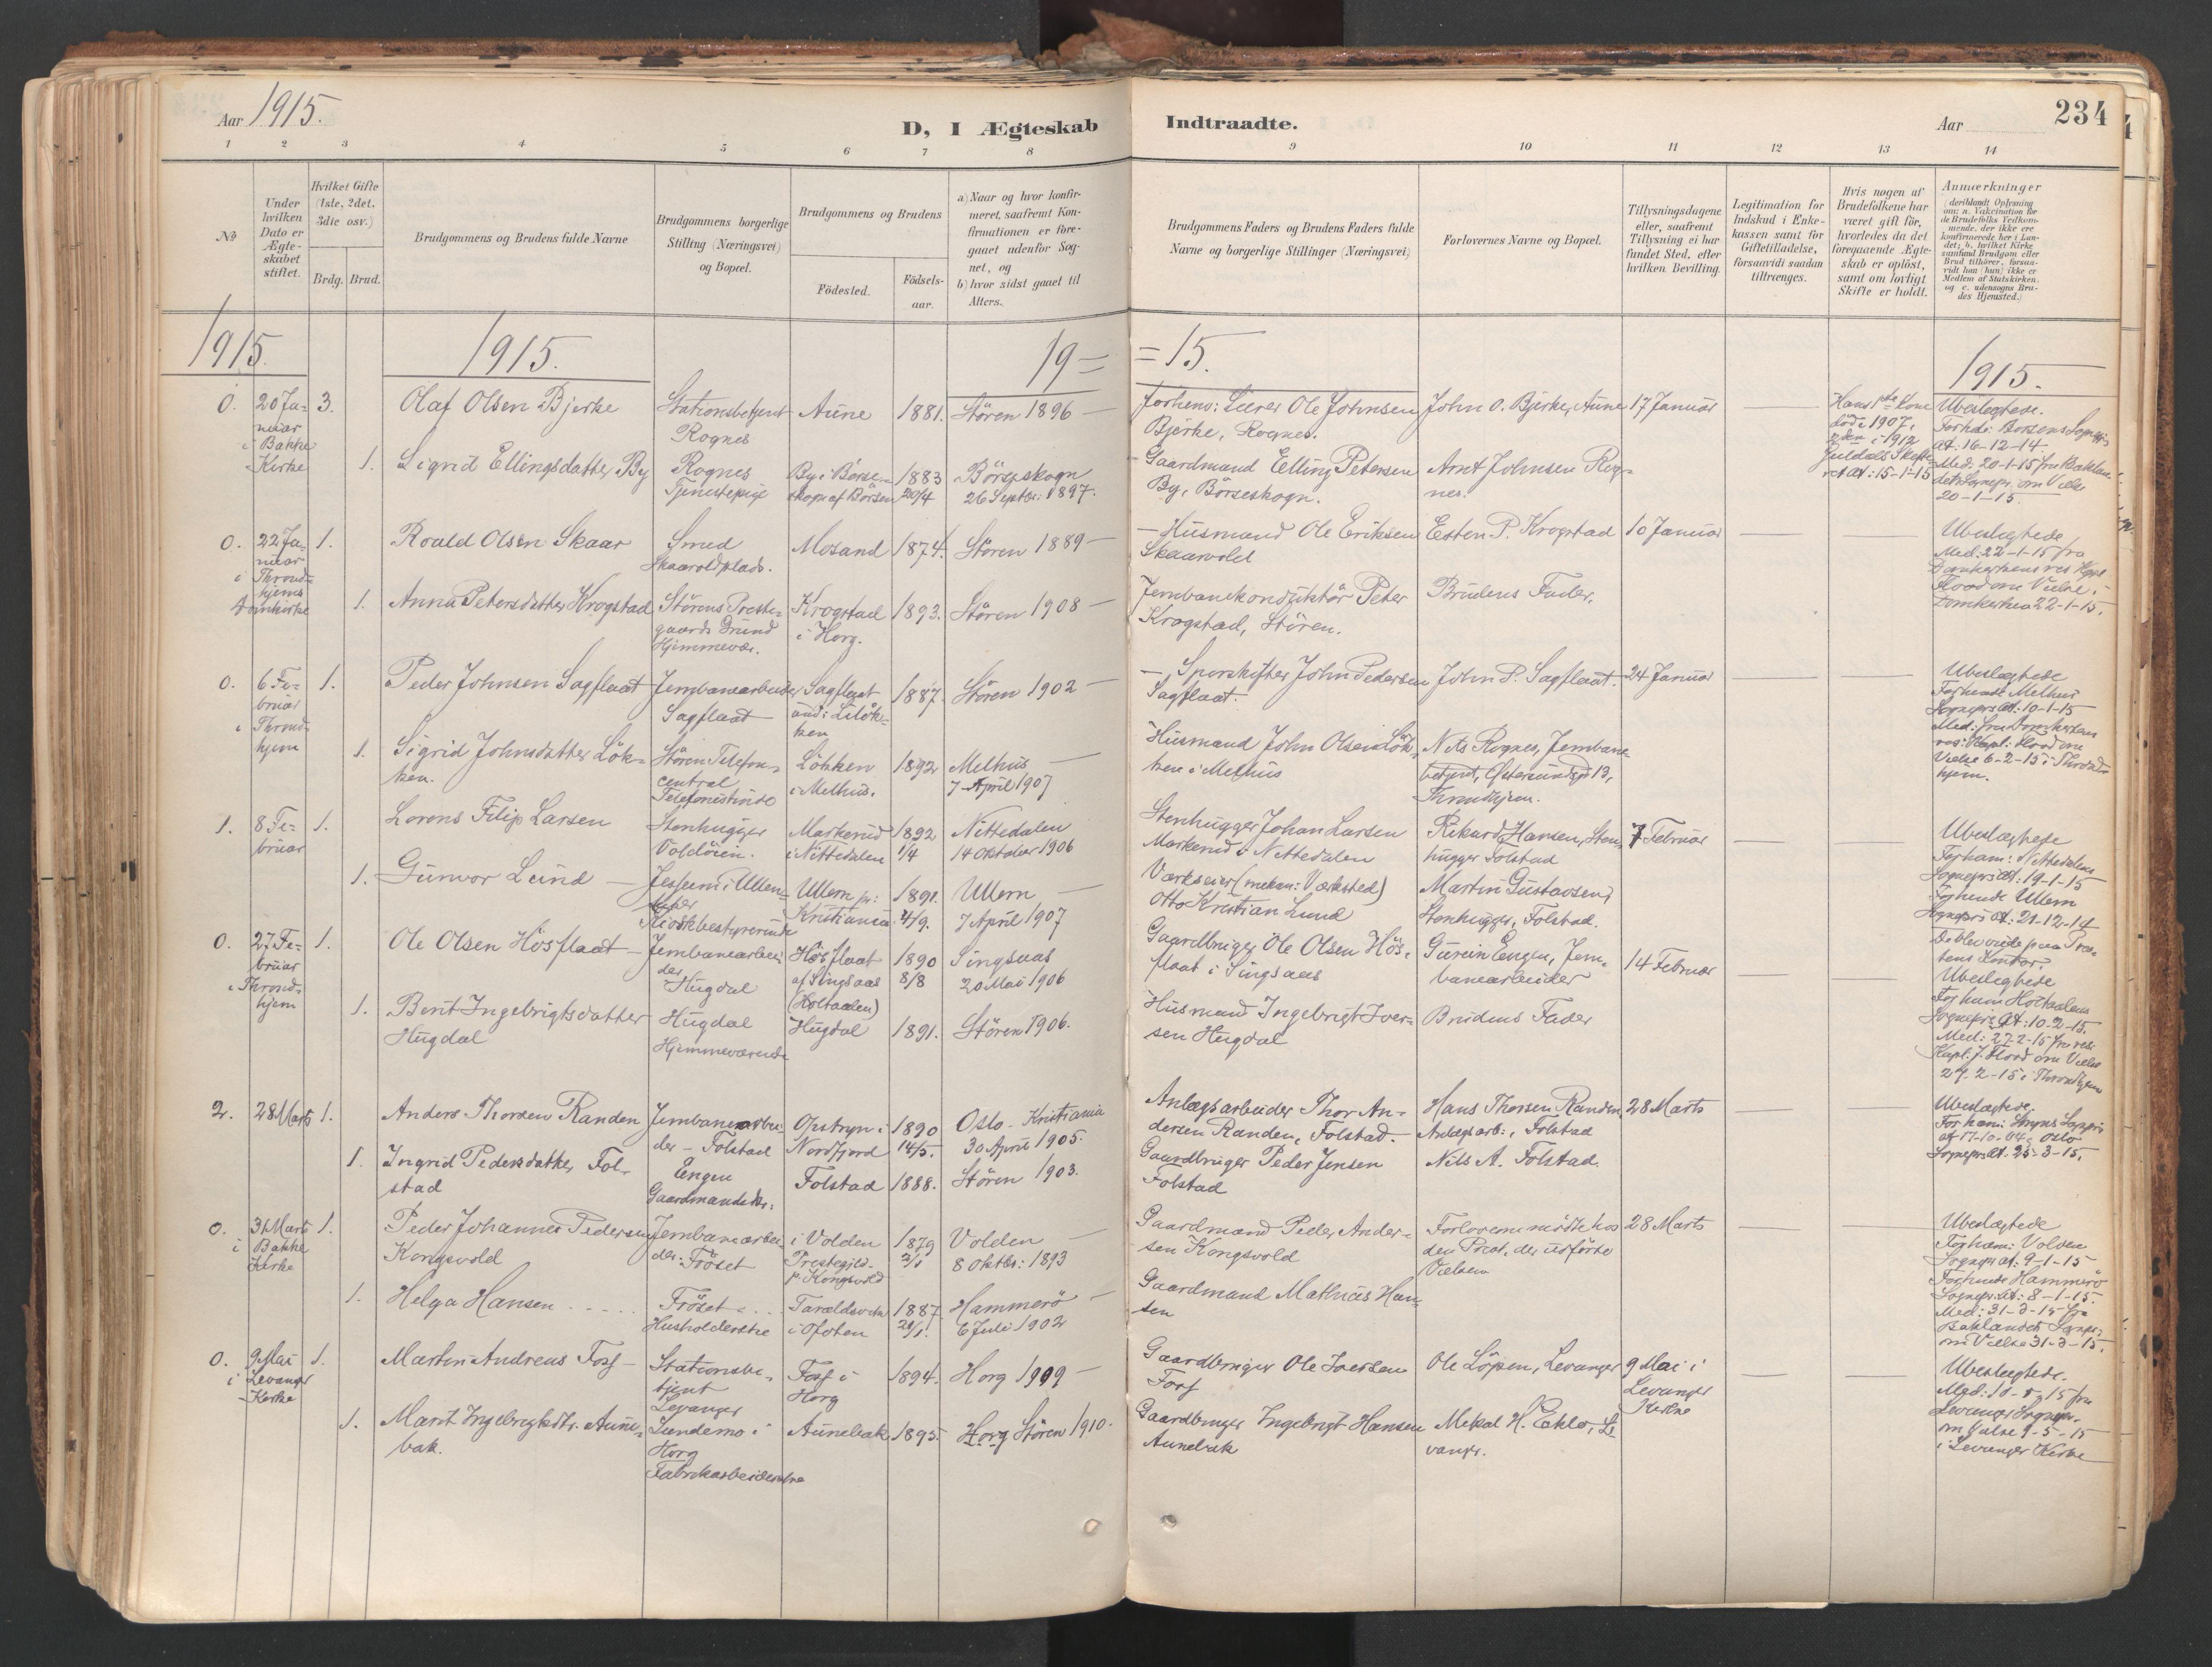 SAT, Ministerialprotokoller, klokkerbøker og fødselsregistre - Sør-Trøndelag, 687/L1004: Ministerialbok nr. 687A10, 1891-1923, s. 234